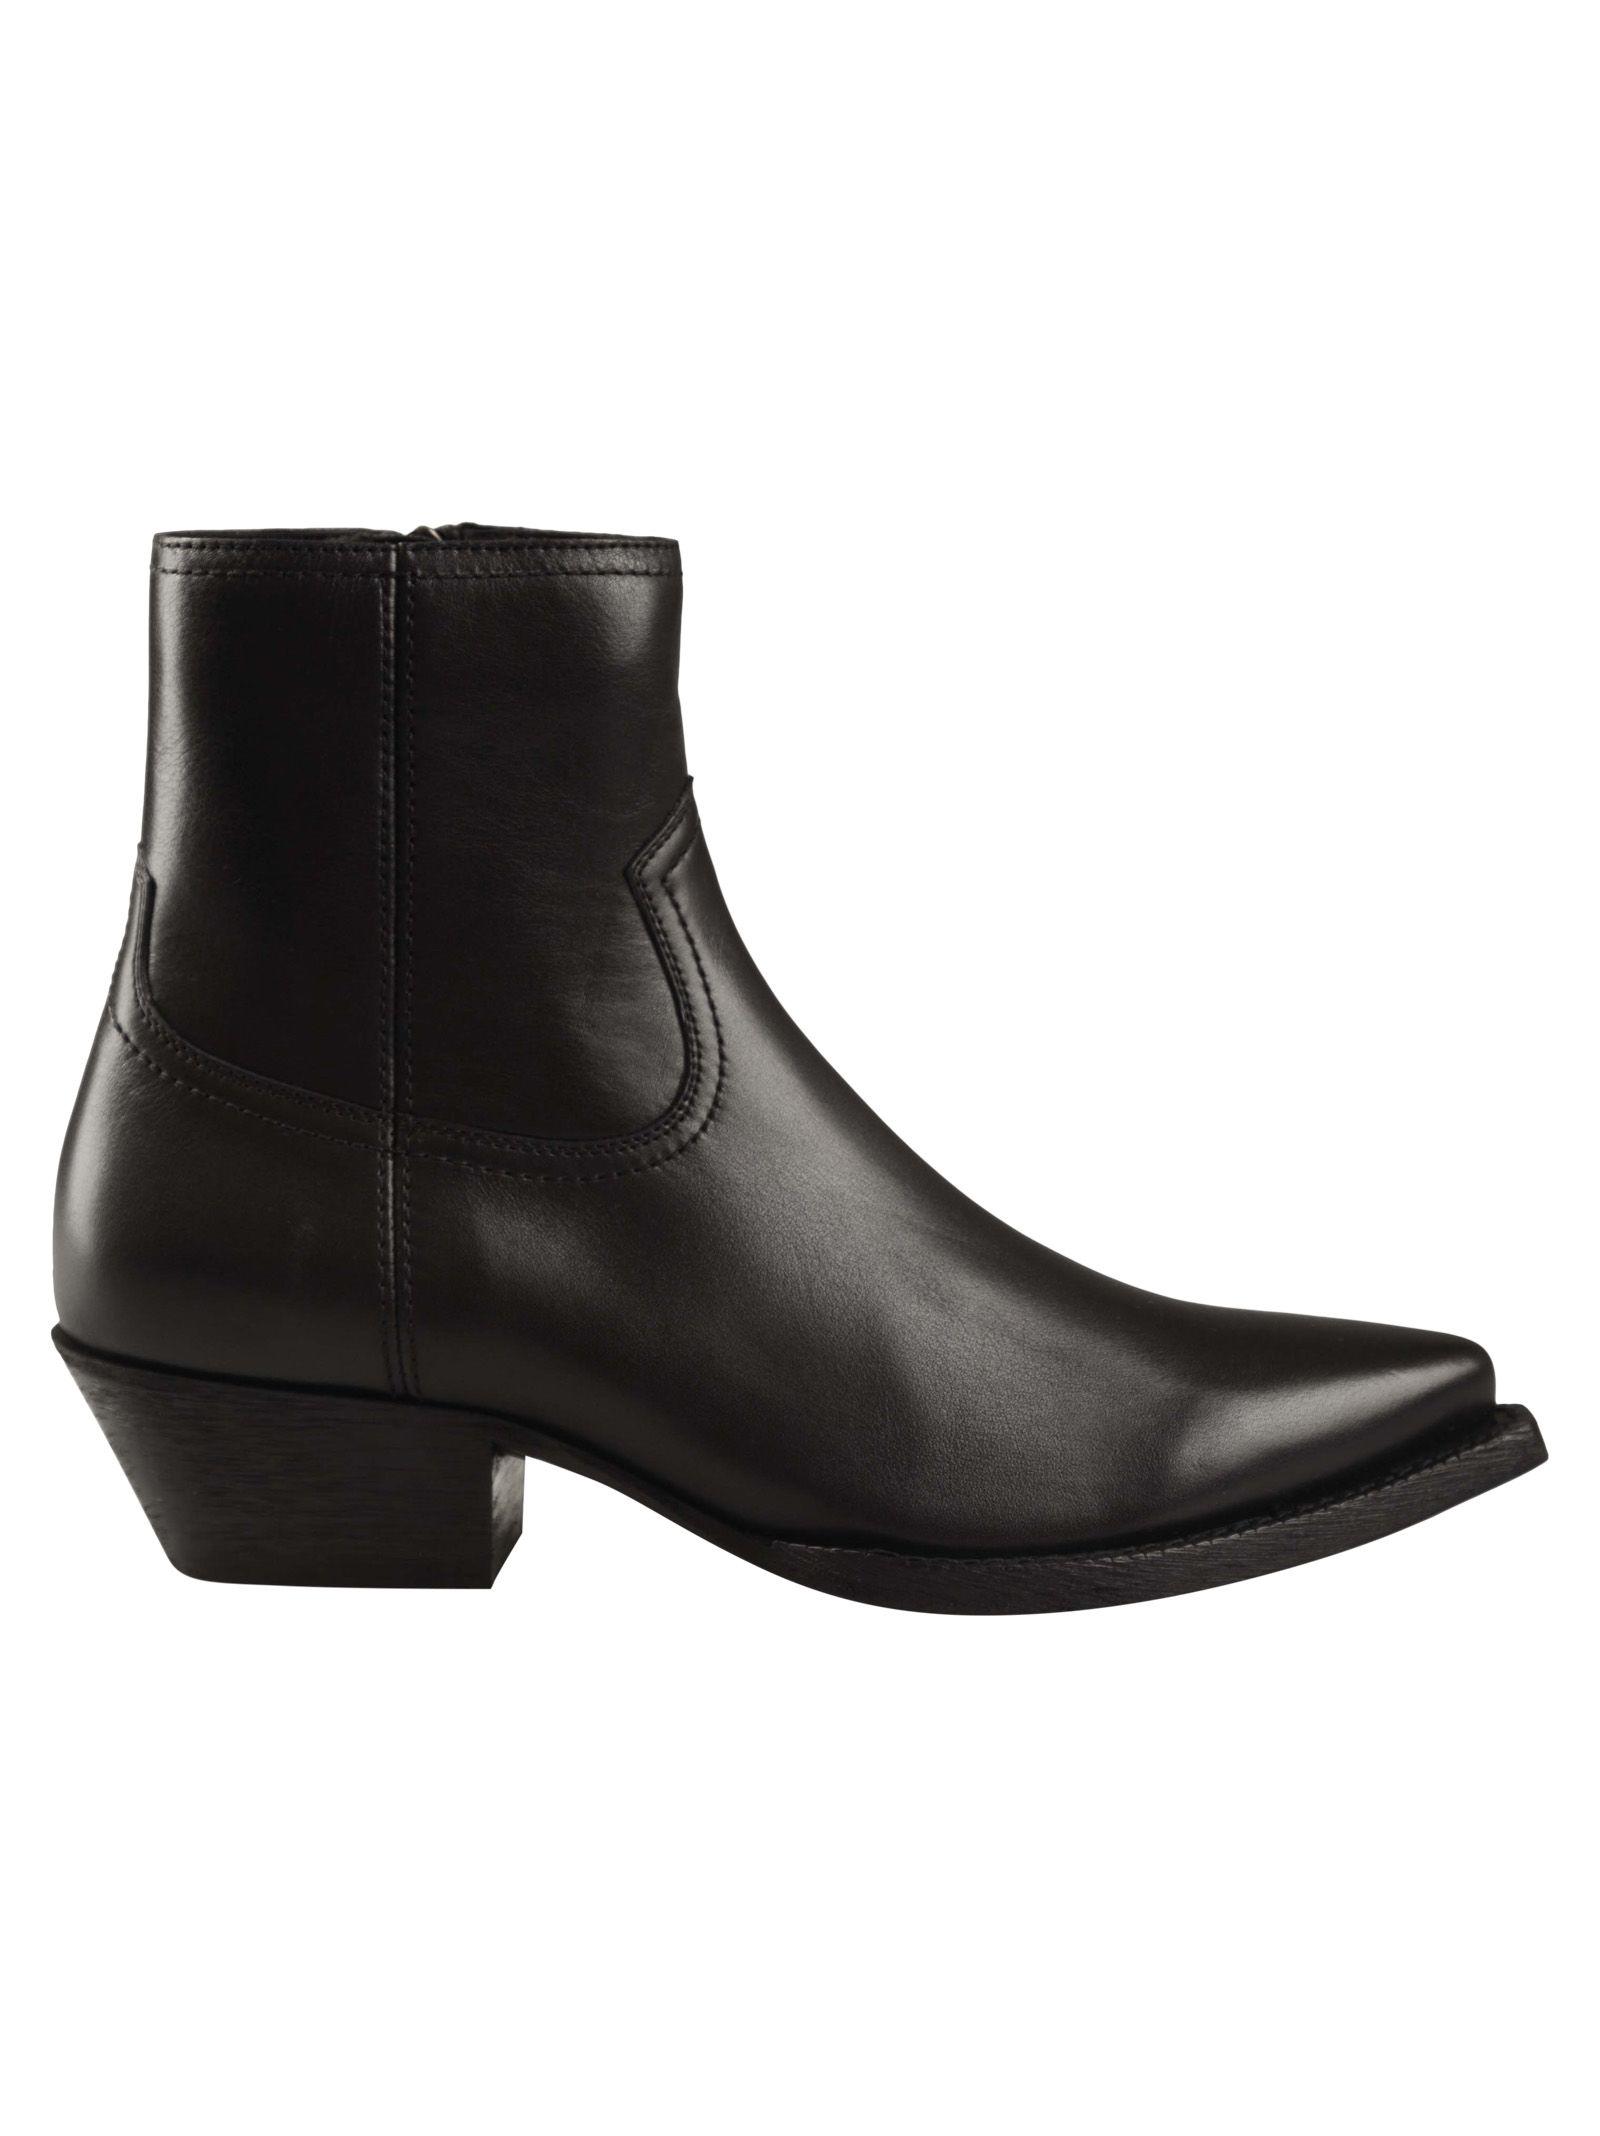 Brit Ankle Boots, Noir